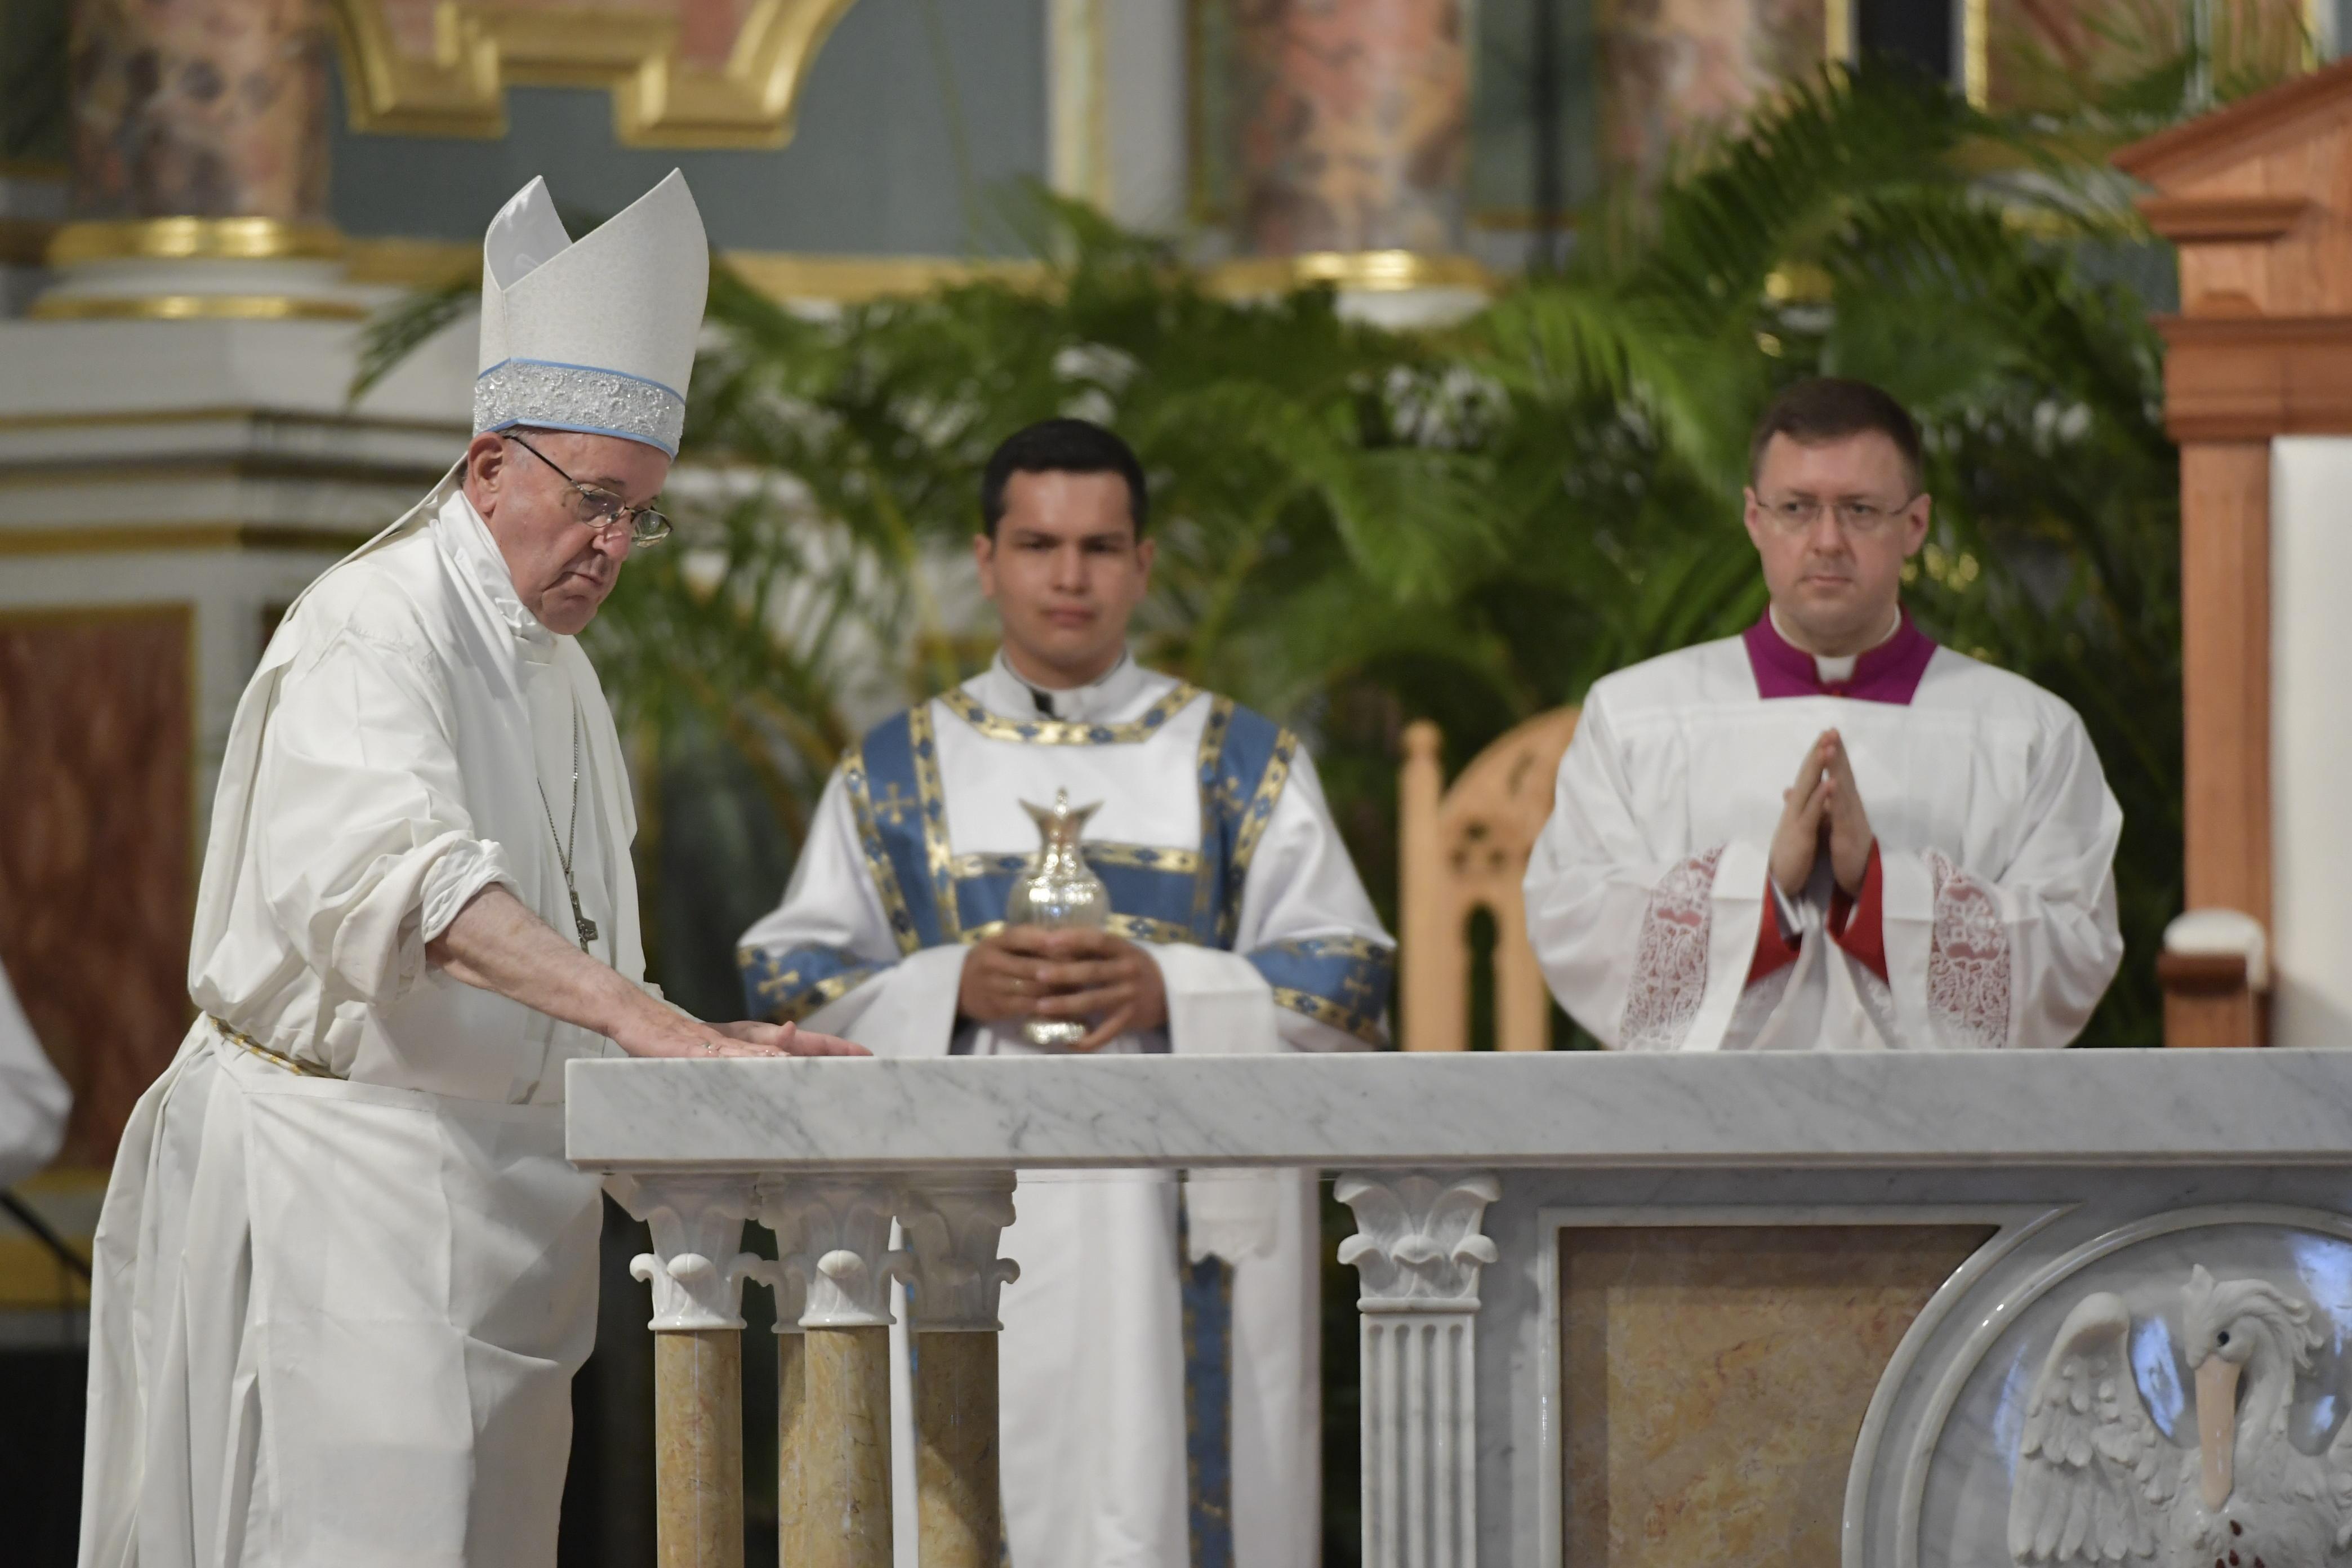 Consagración del altar de la Catedral Santa Maria La Antigua, 26 enero 2019 © Vatican Media